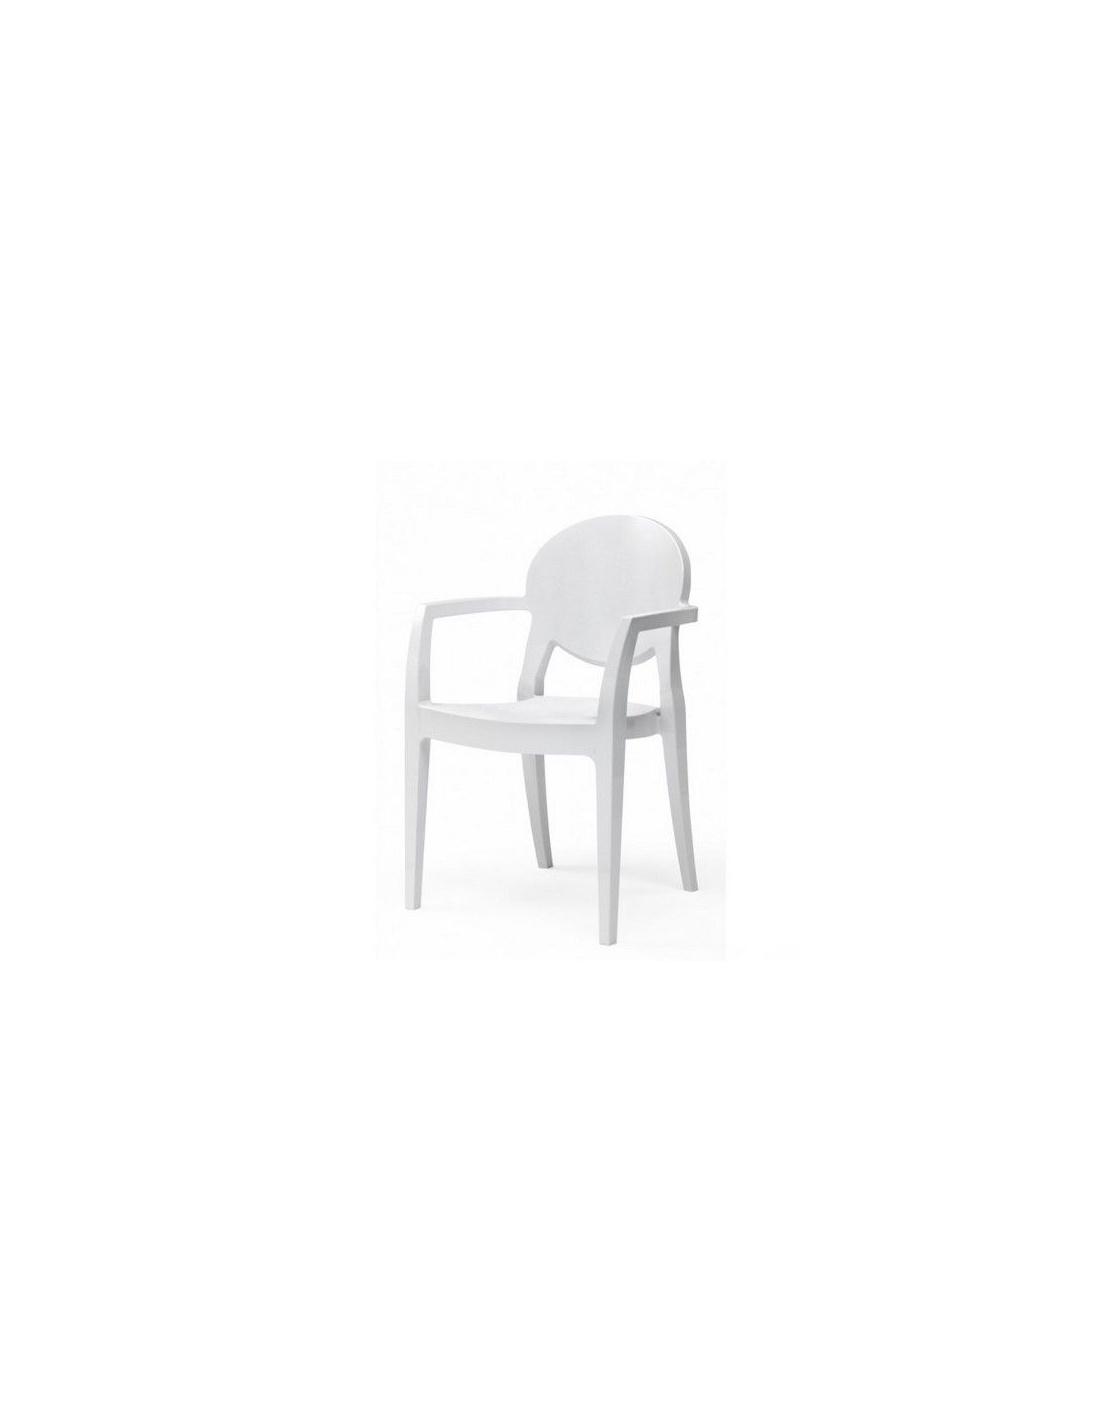 Sedie moderne modello igloo 2355 con braccioli di scab for Design sedie moderne